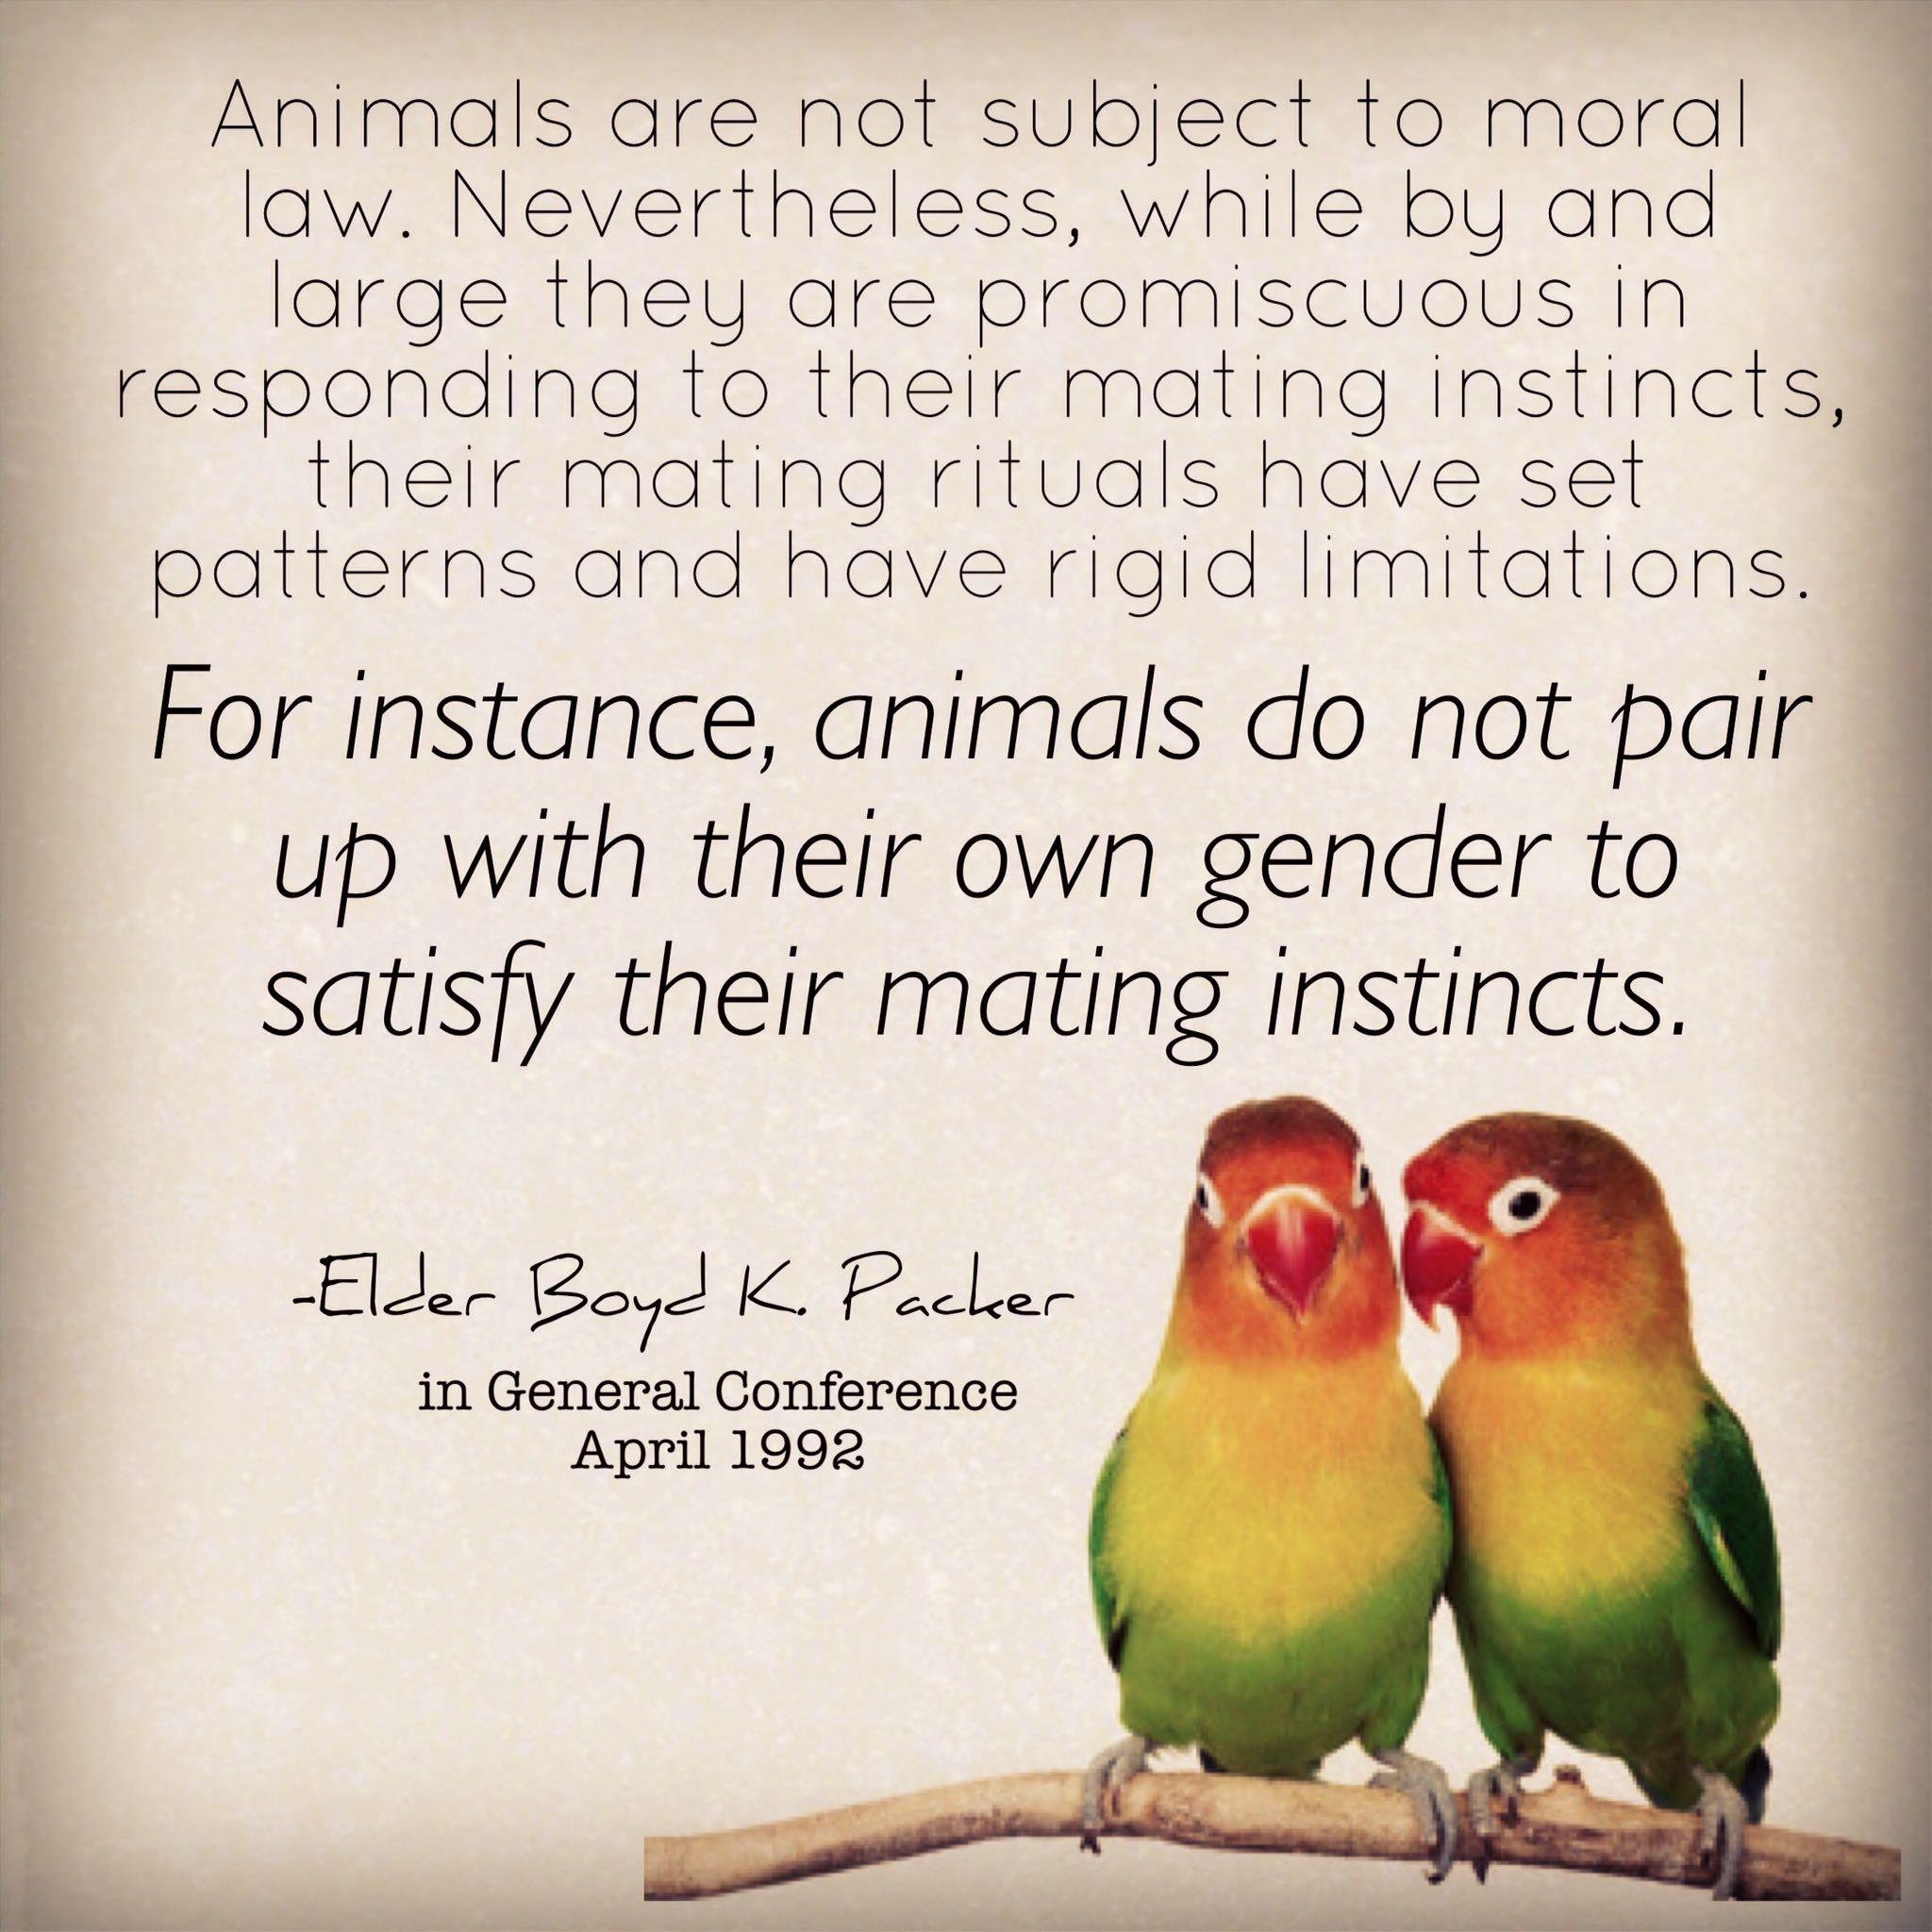 No gay animals